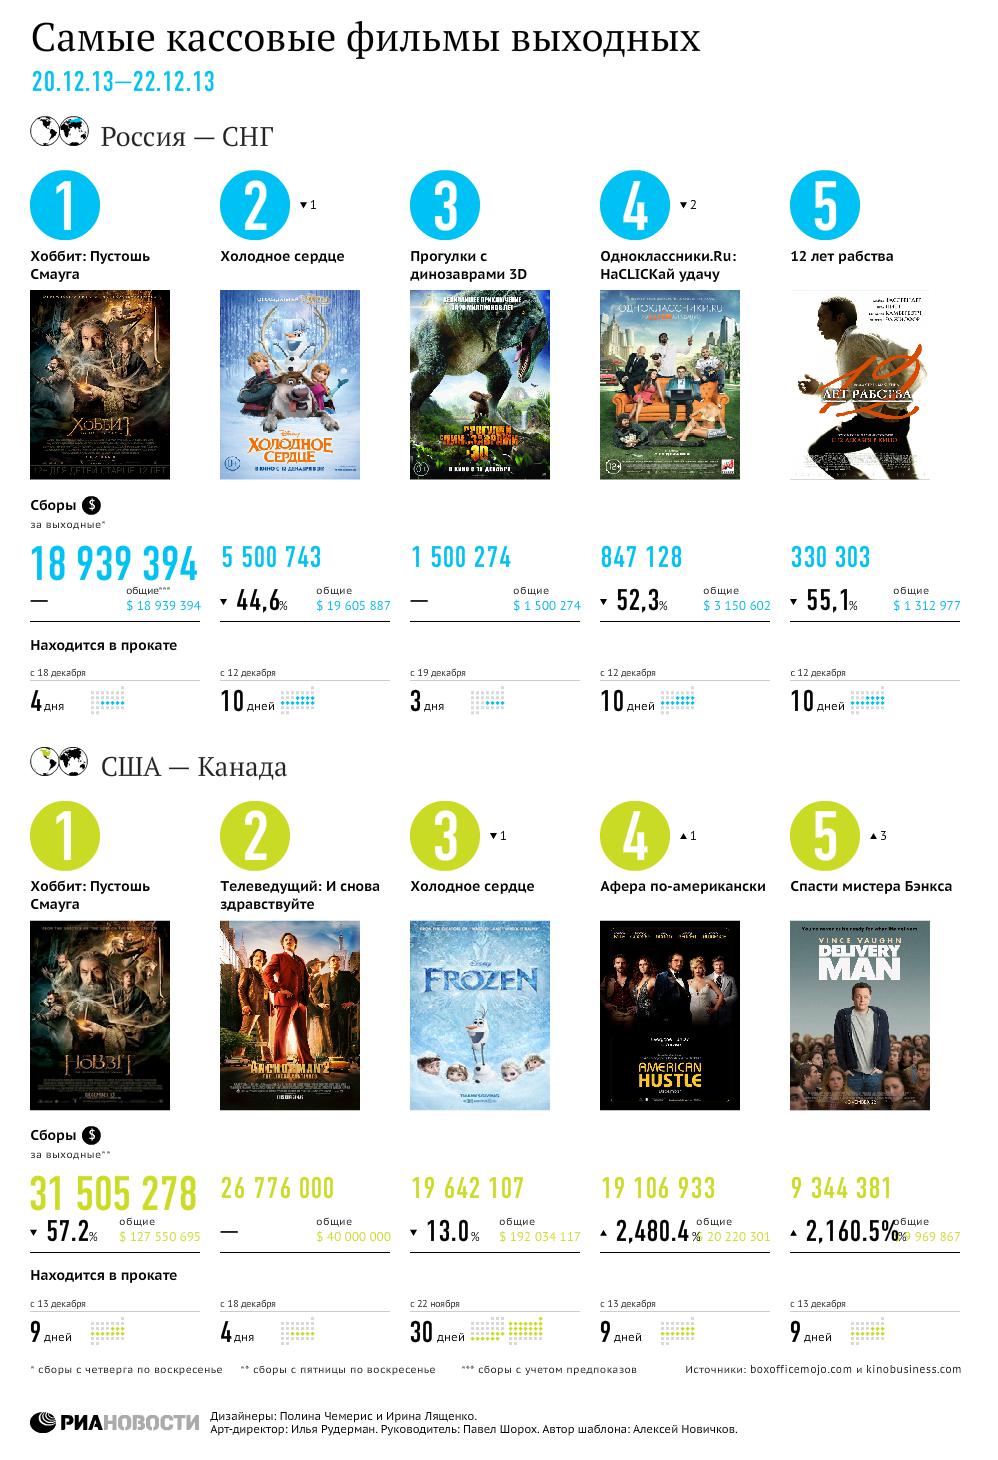 Самые кассовые фильмы выходных (20–22 декабря)